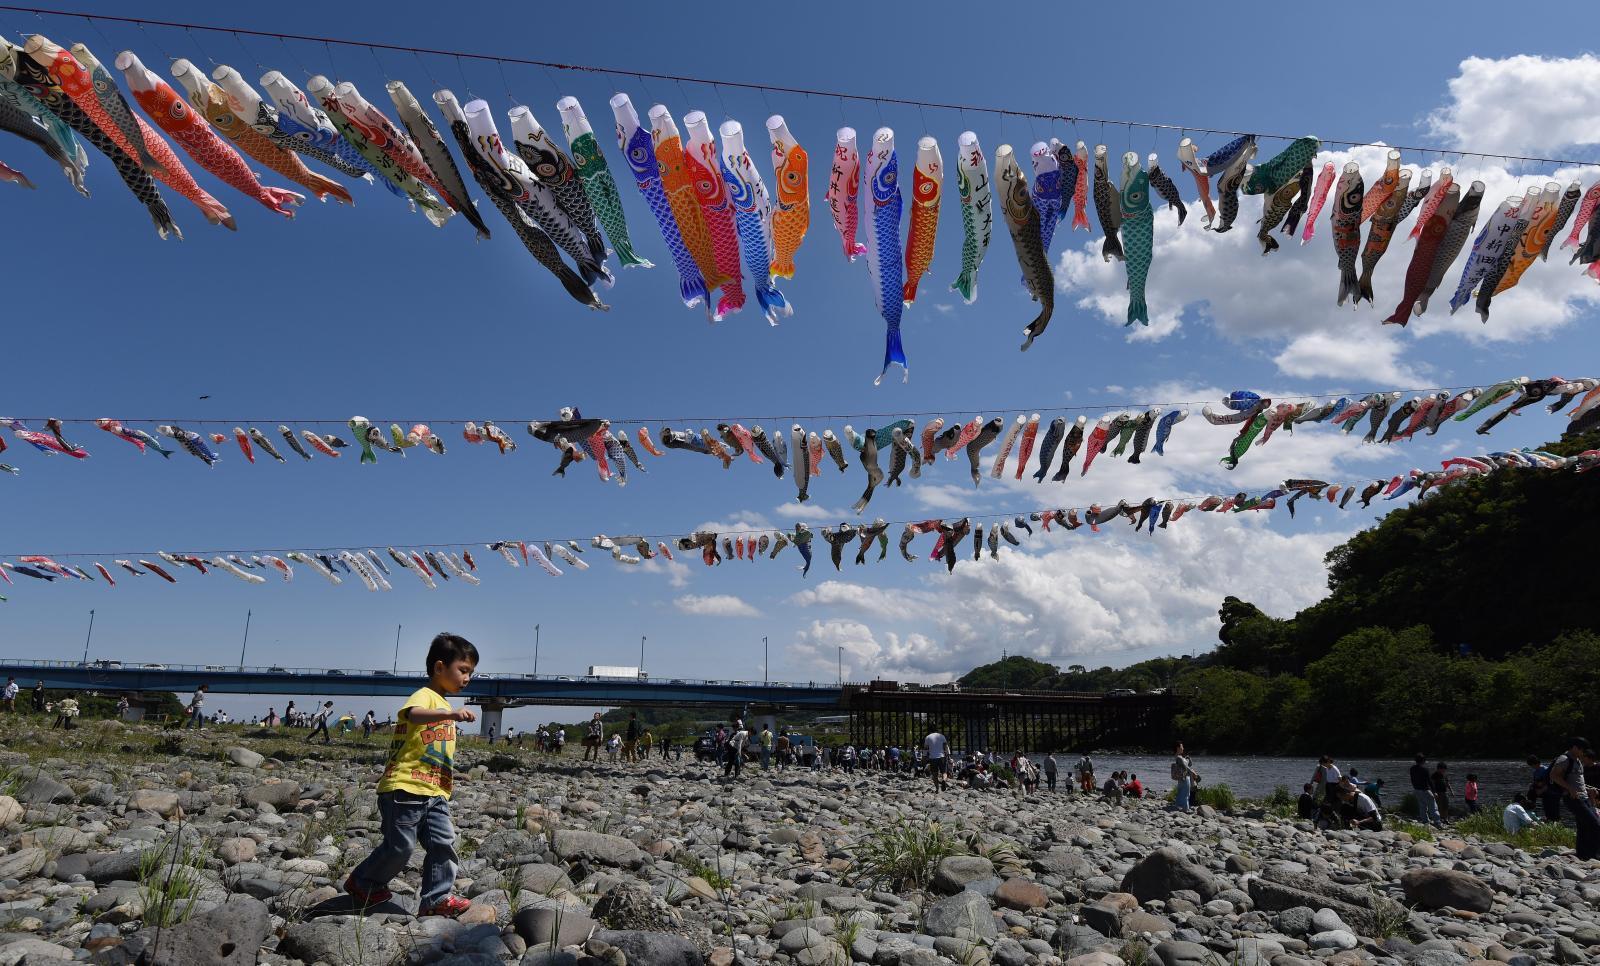 พิษโควิด-19 ญี่ปุ่นยกเลิกจัดเทศกาลเด็กผู้ชาย